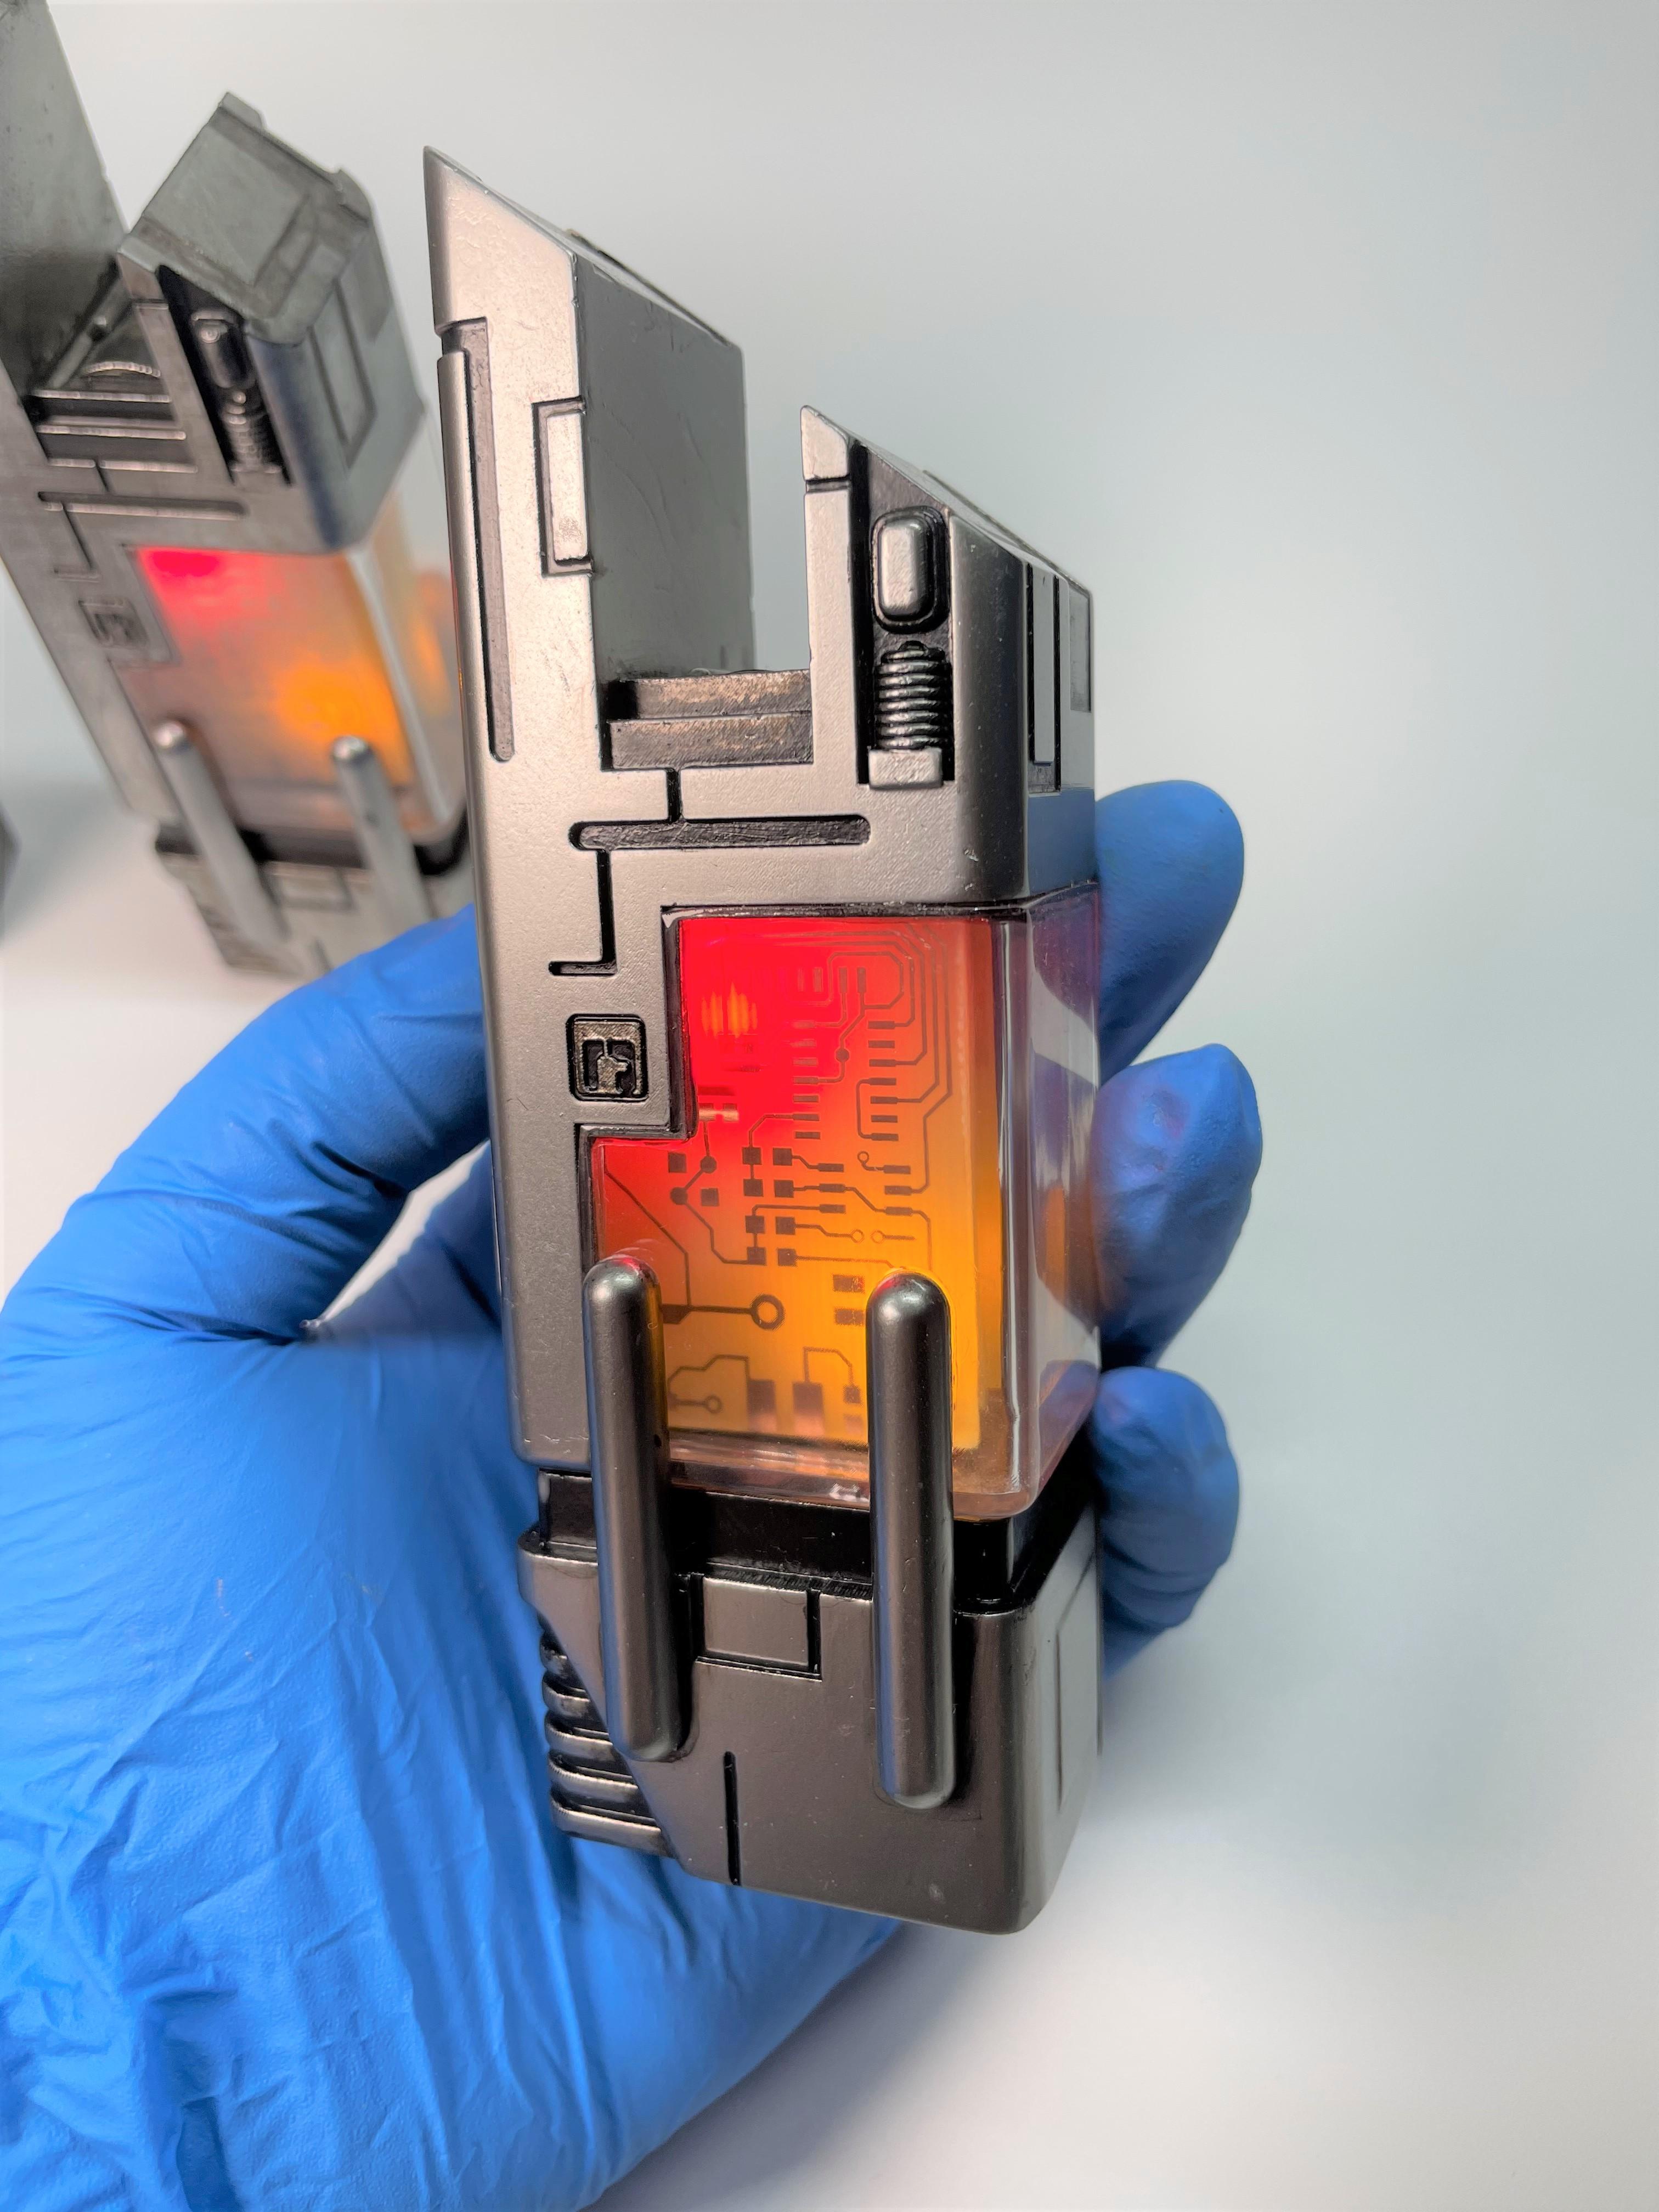 t-800-fuel-cell-11-jpg.jpg